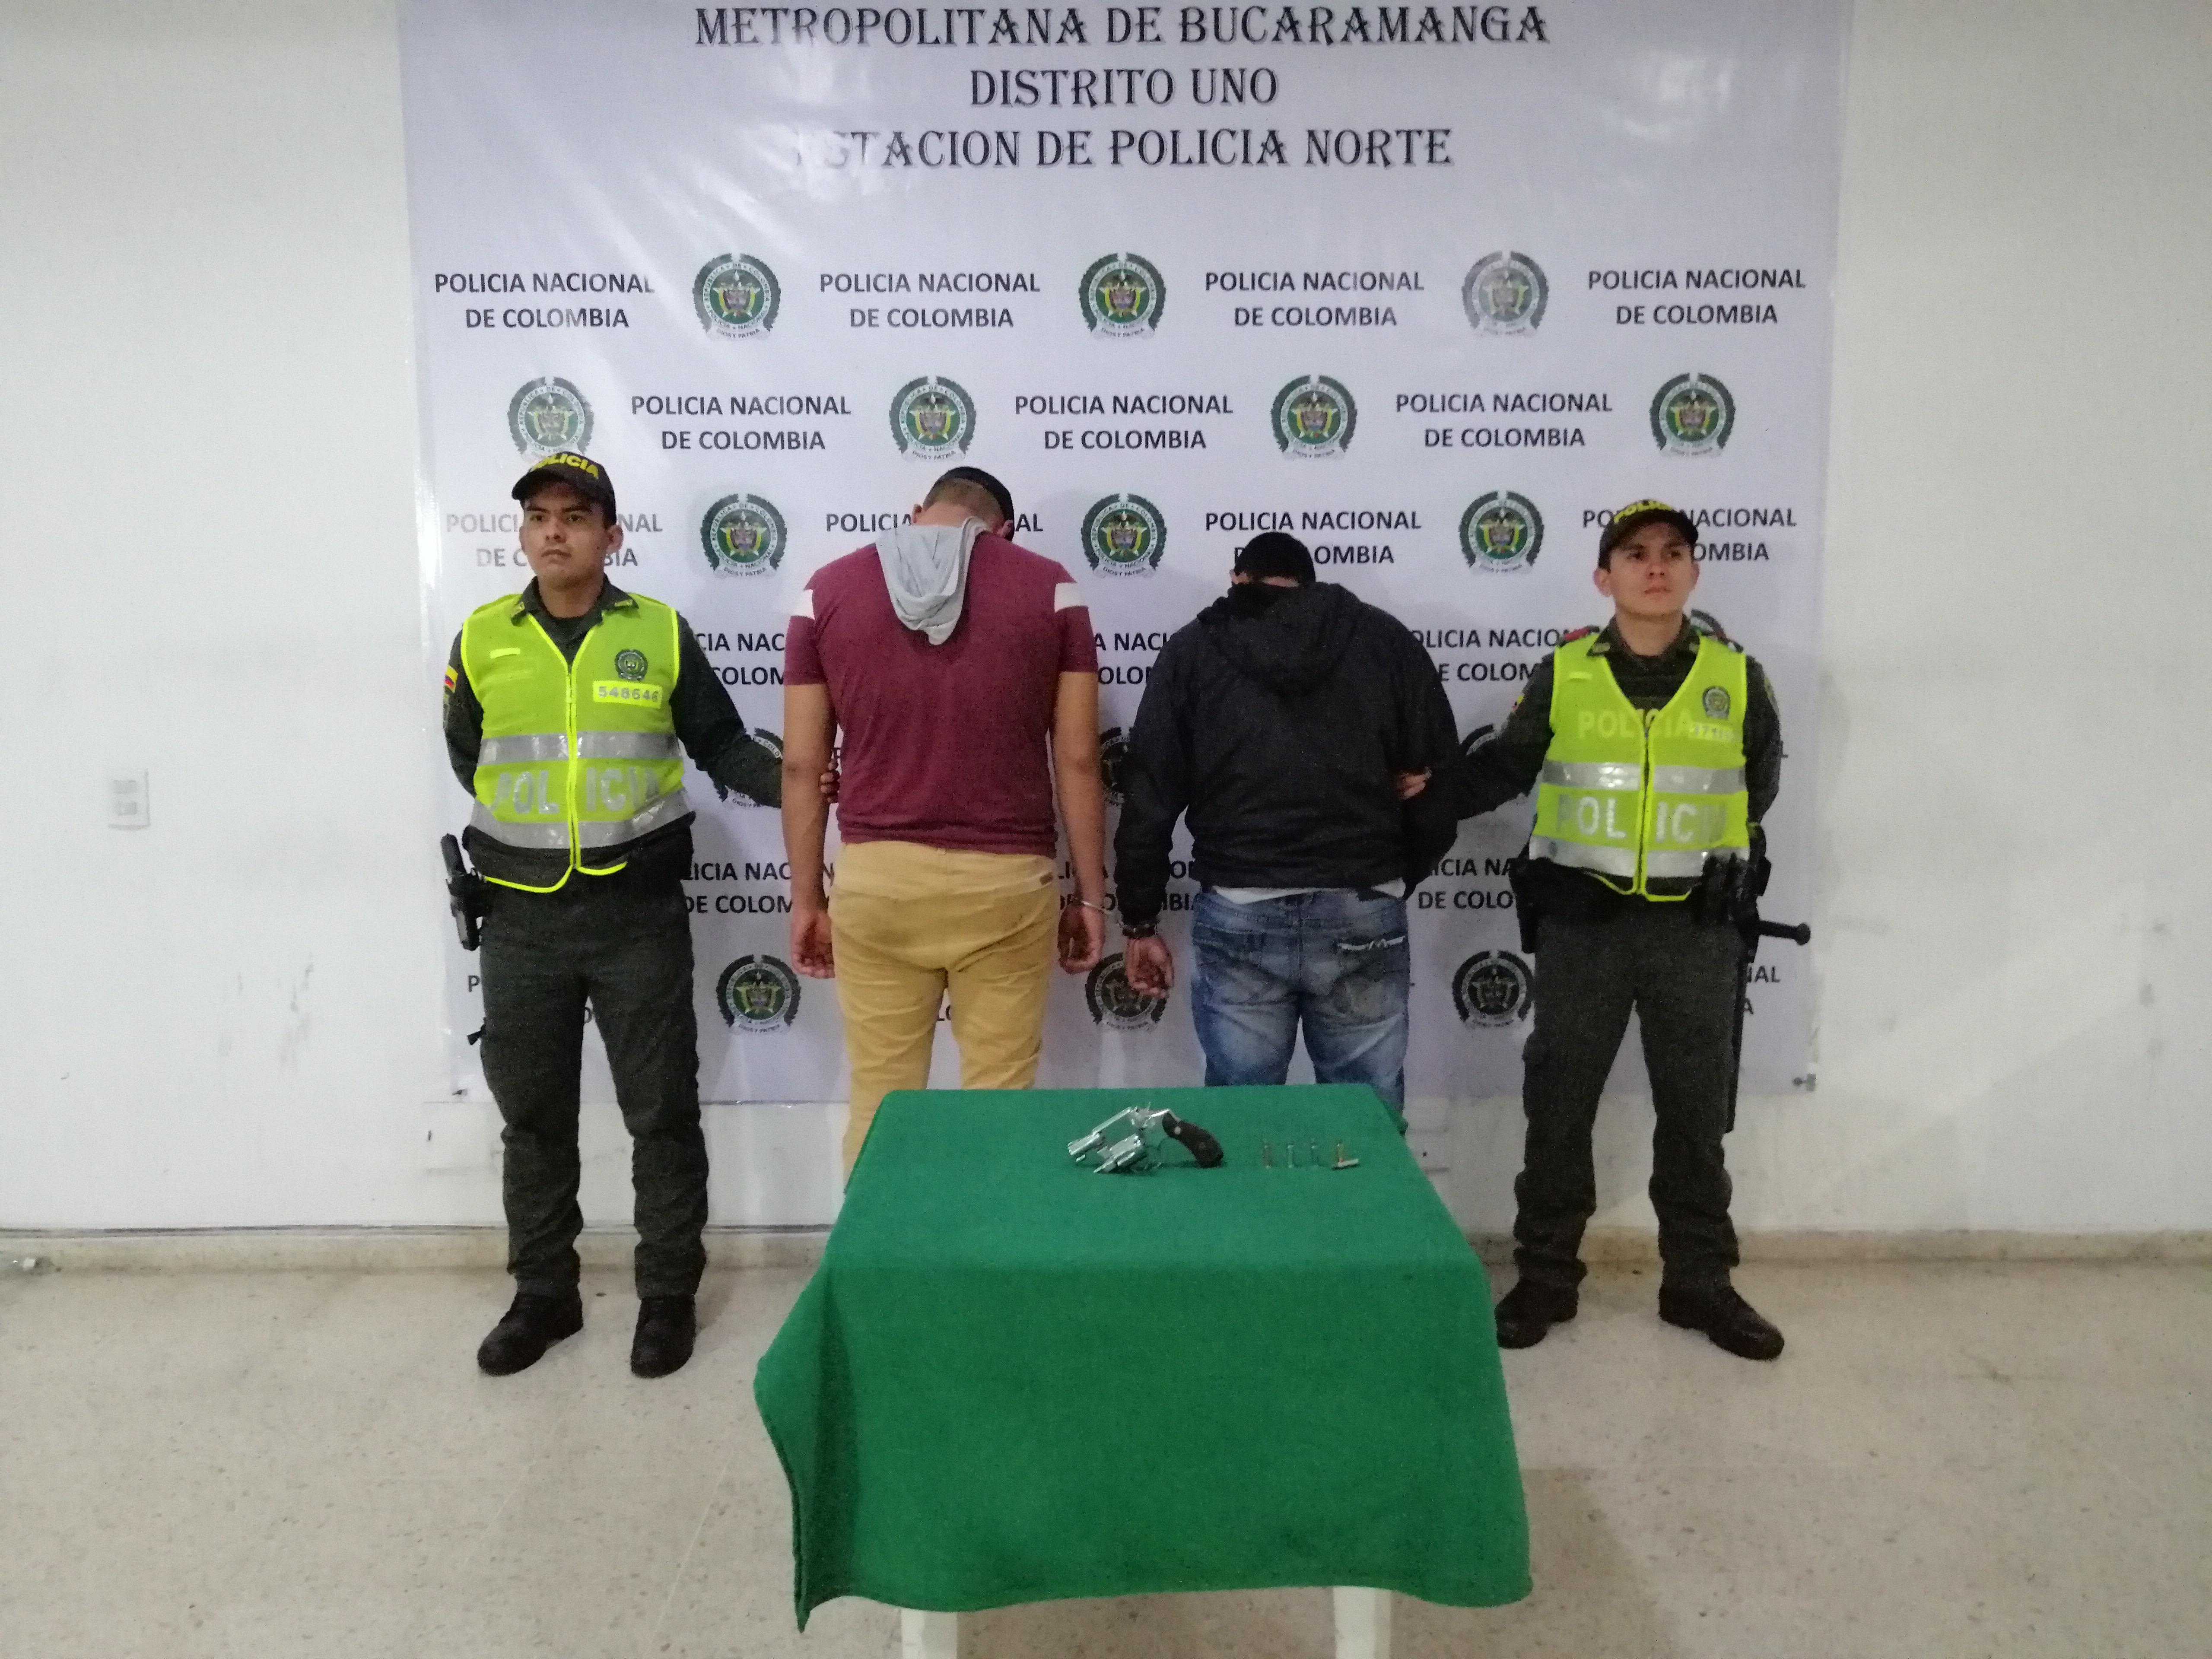 Capturan cuatro personas por delito de fabricación y porte de armas de fuego en Bucaramanga | EL FRENTE